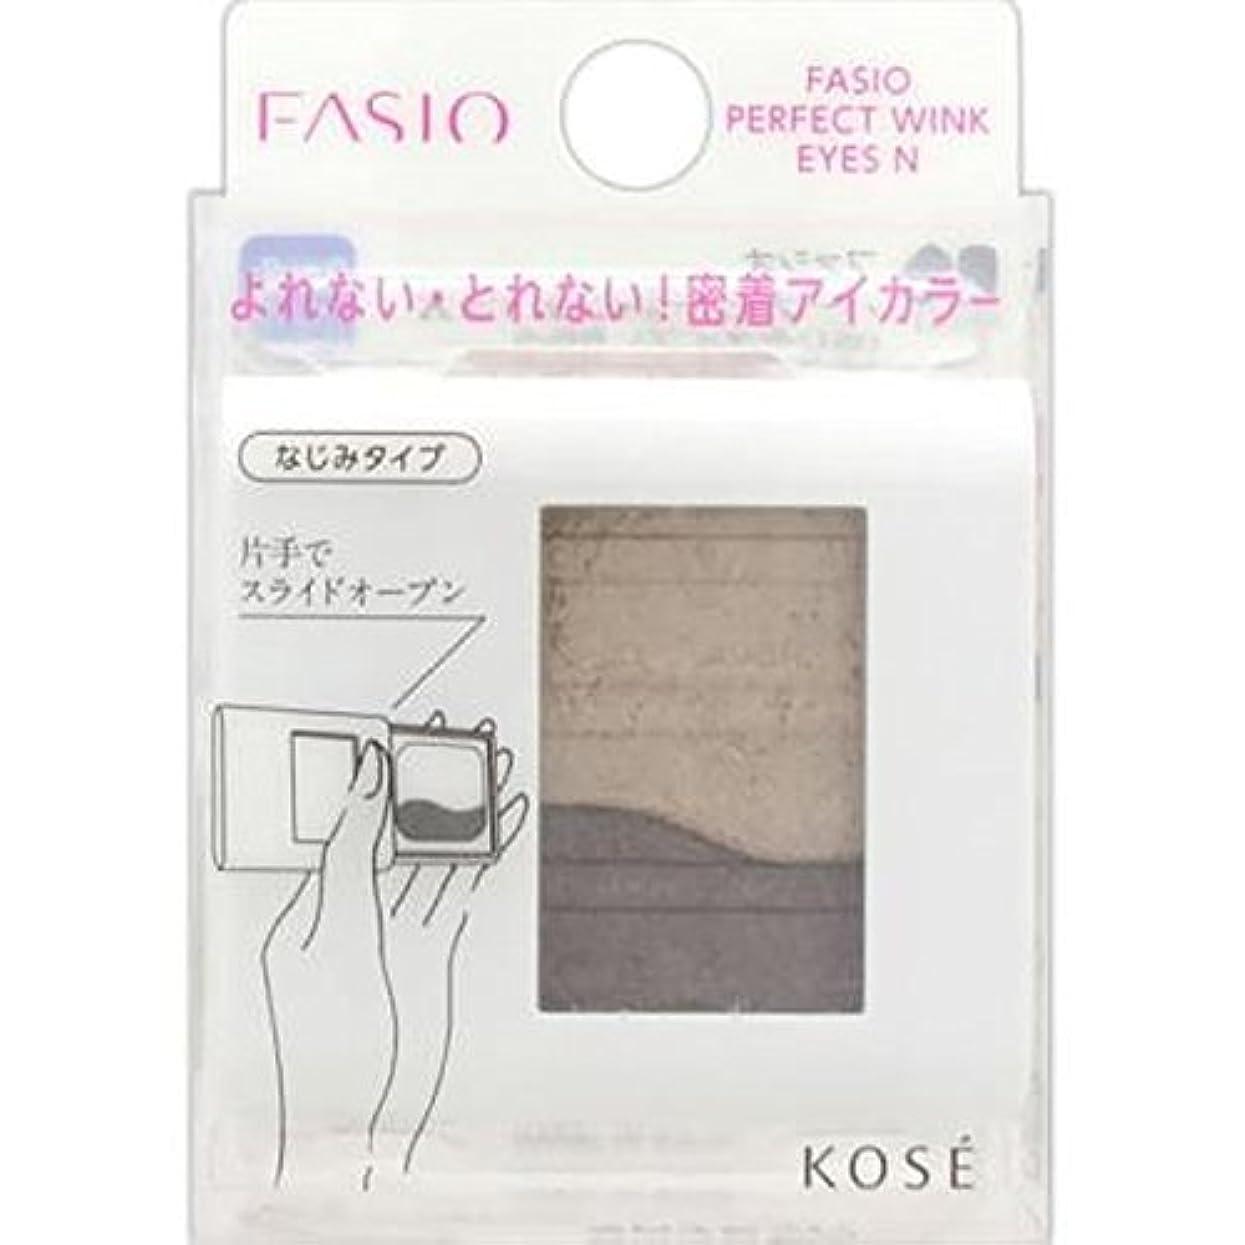 鋭く販売計画実質的にコーセー ファシオ パーフェクトウィンクアイズ N #006 1.7g